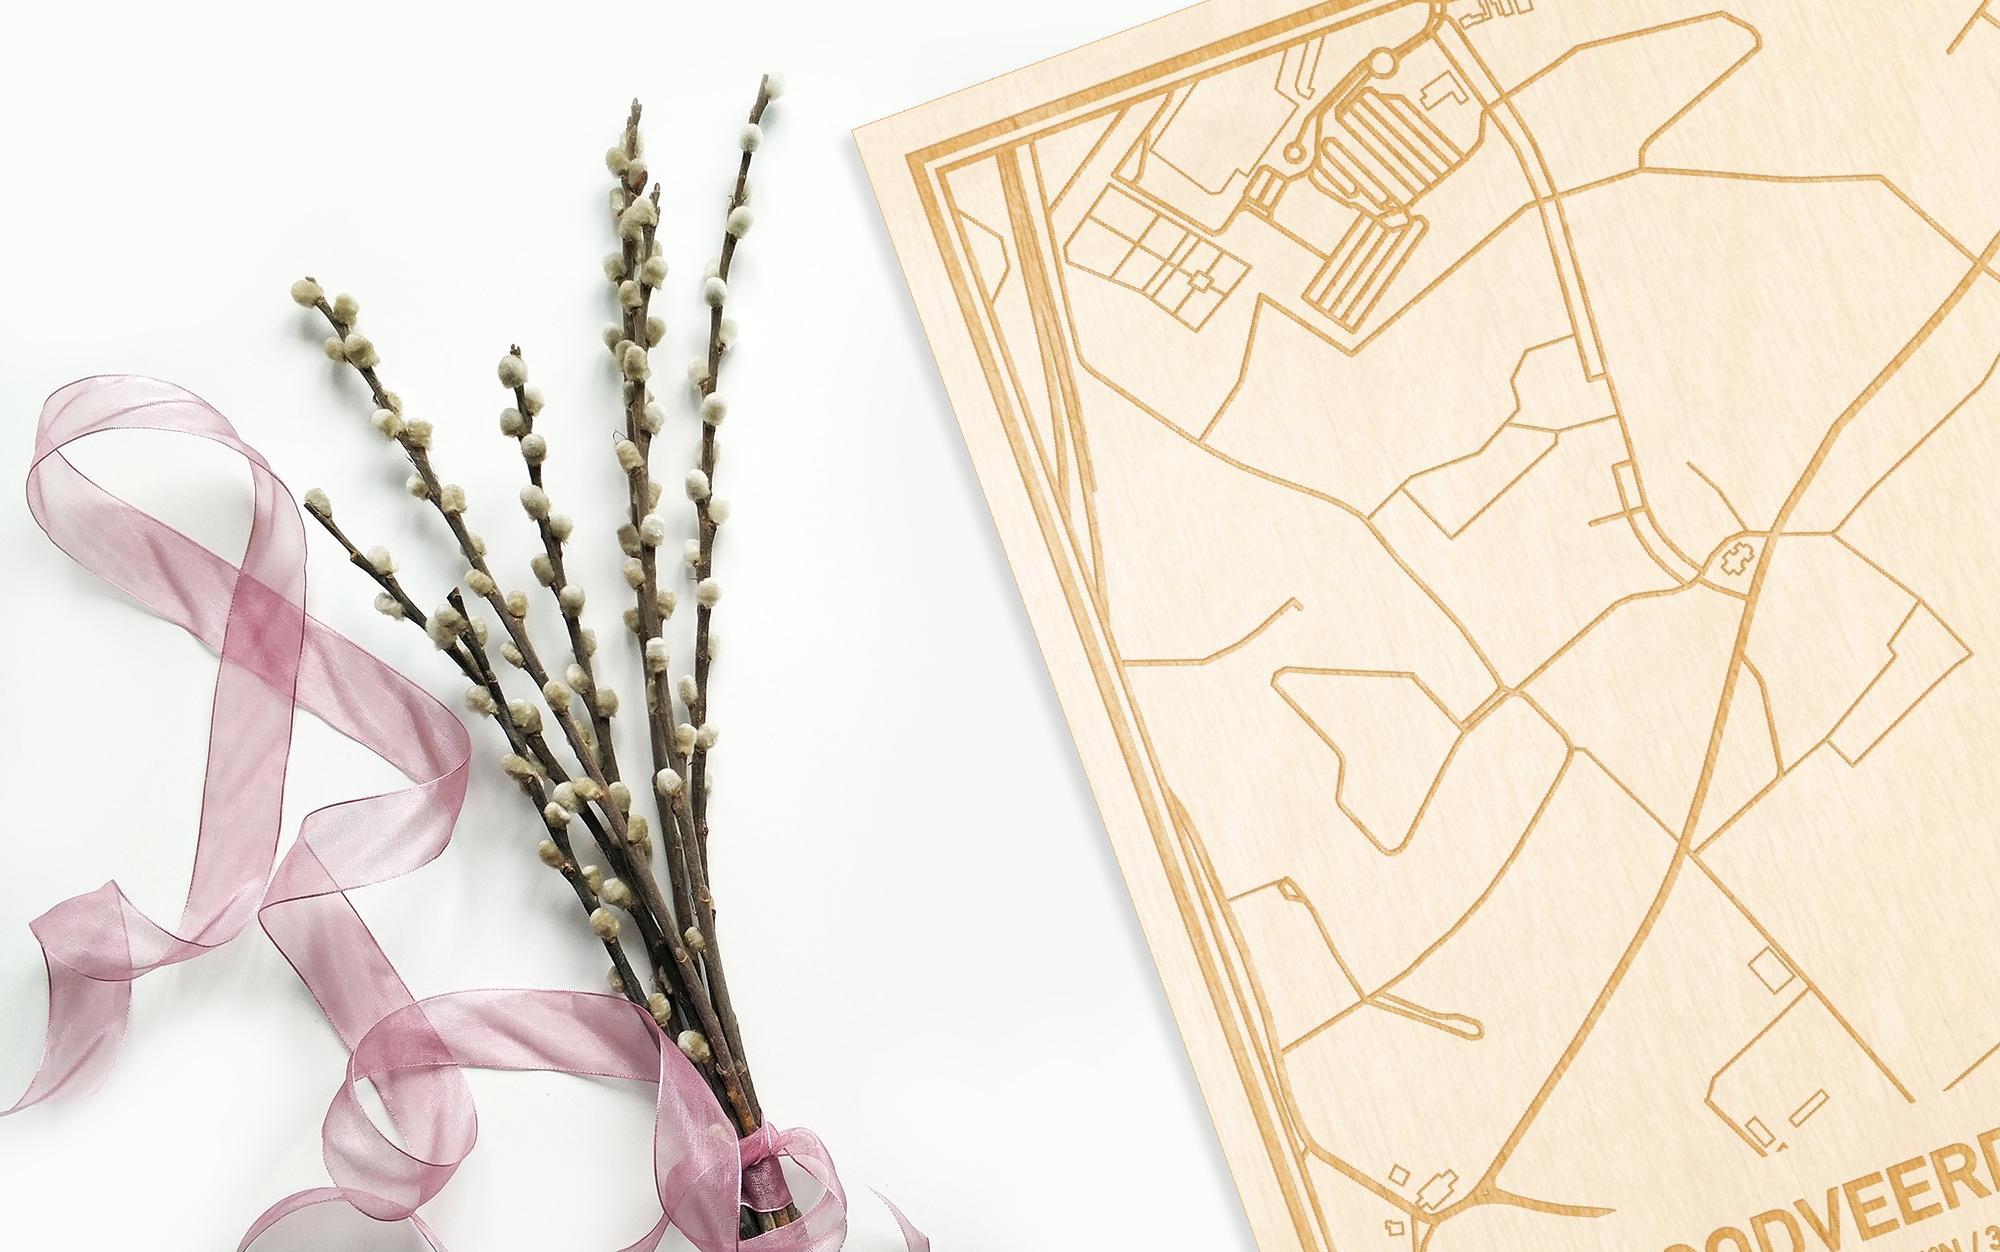 Hier ligt de houten plattegrond Godveerdegem naast een bloemetje als gepersonaliseerd cadeau voor haar.